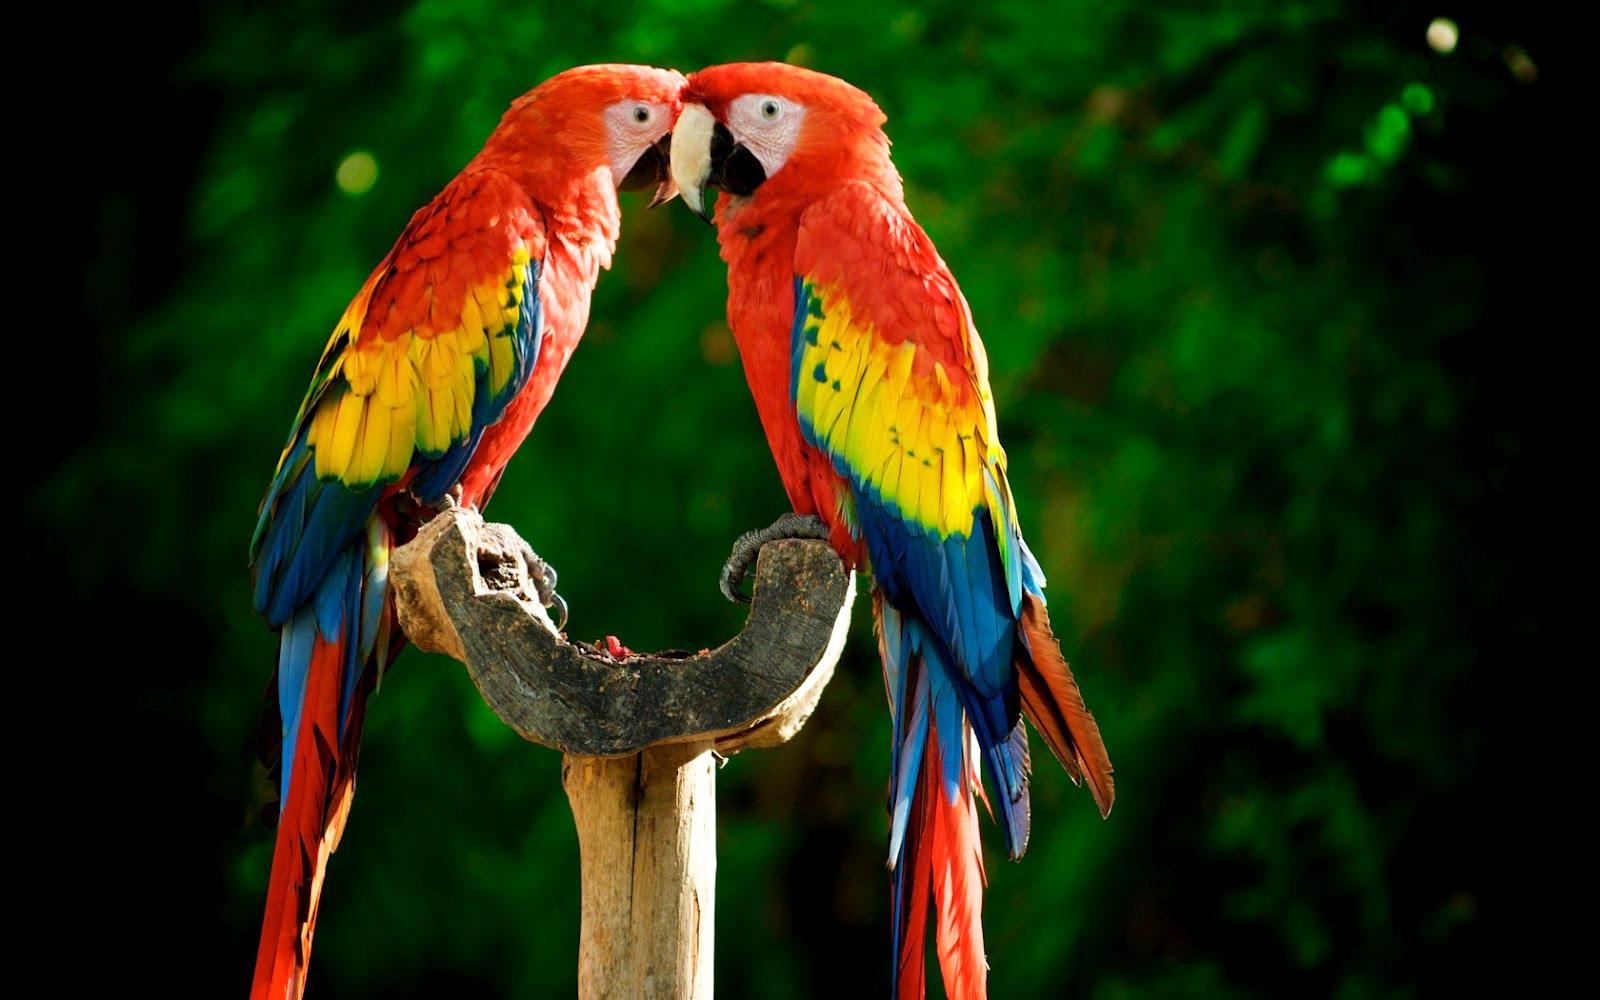 Wallpaper Gallery Love Bird Wallpaper: Fondos De Pantalla Y Mucho Más